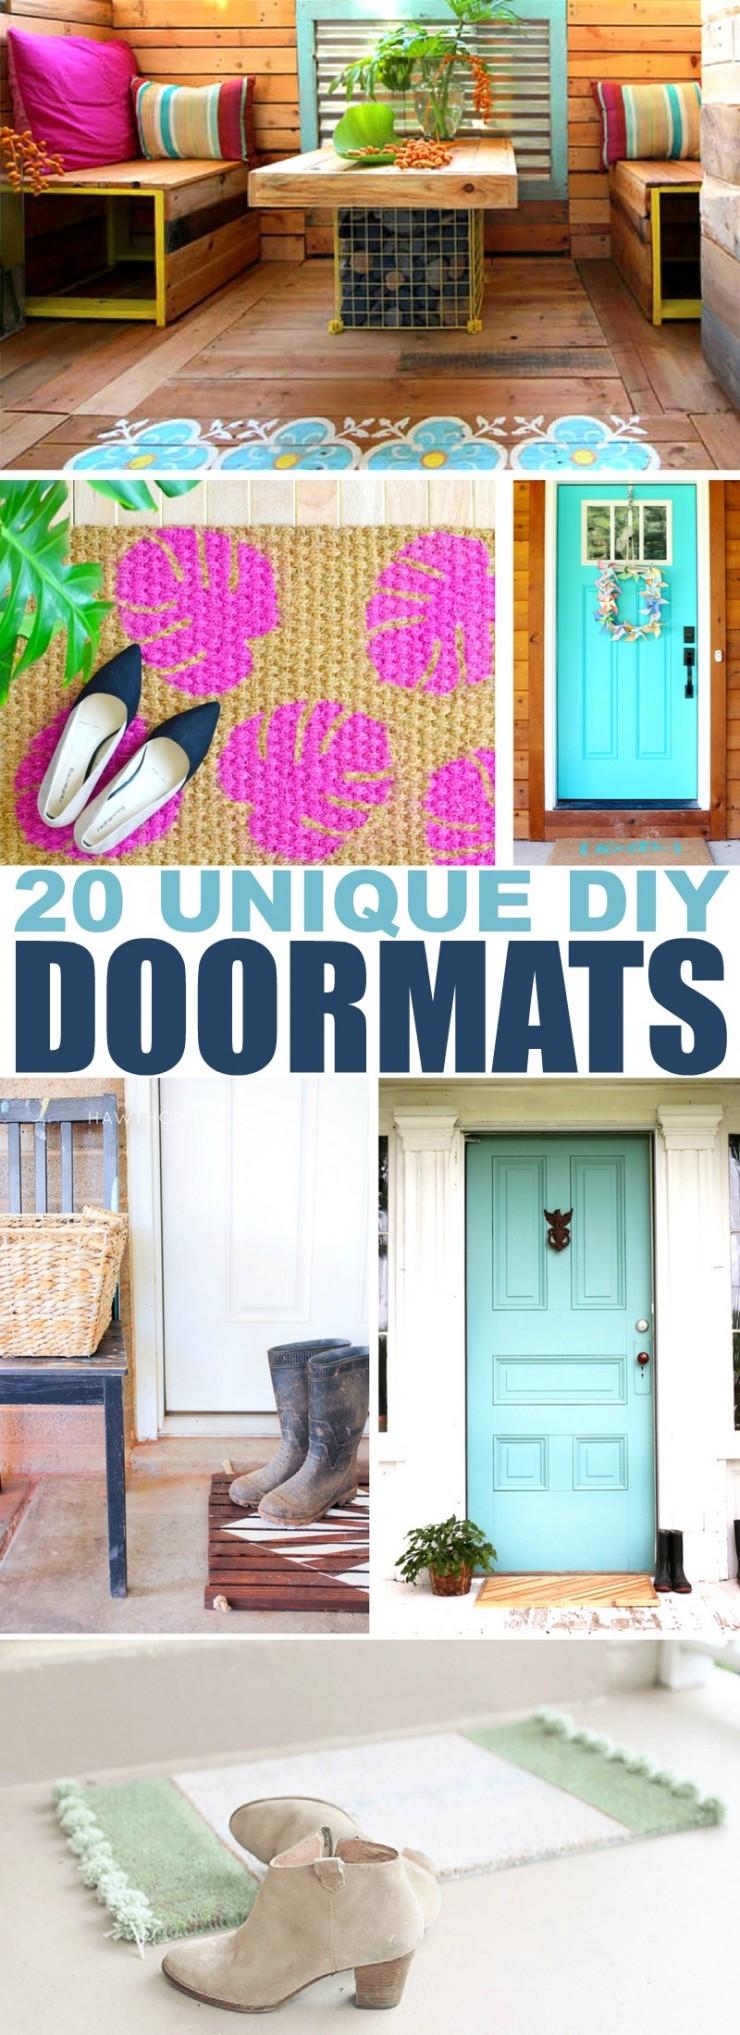 20 Unique Diy Wind Chimes: 20 Unique DIY Doormats